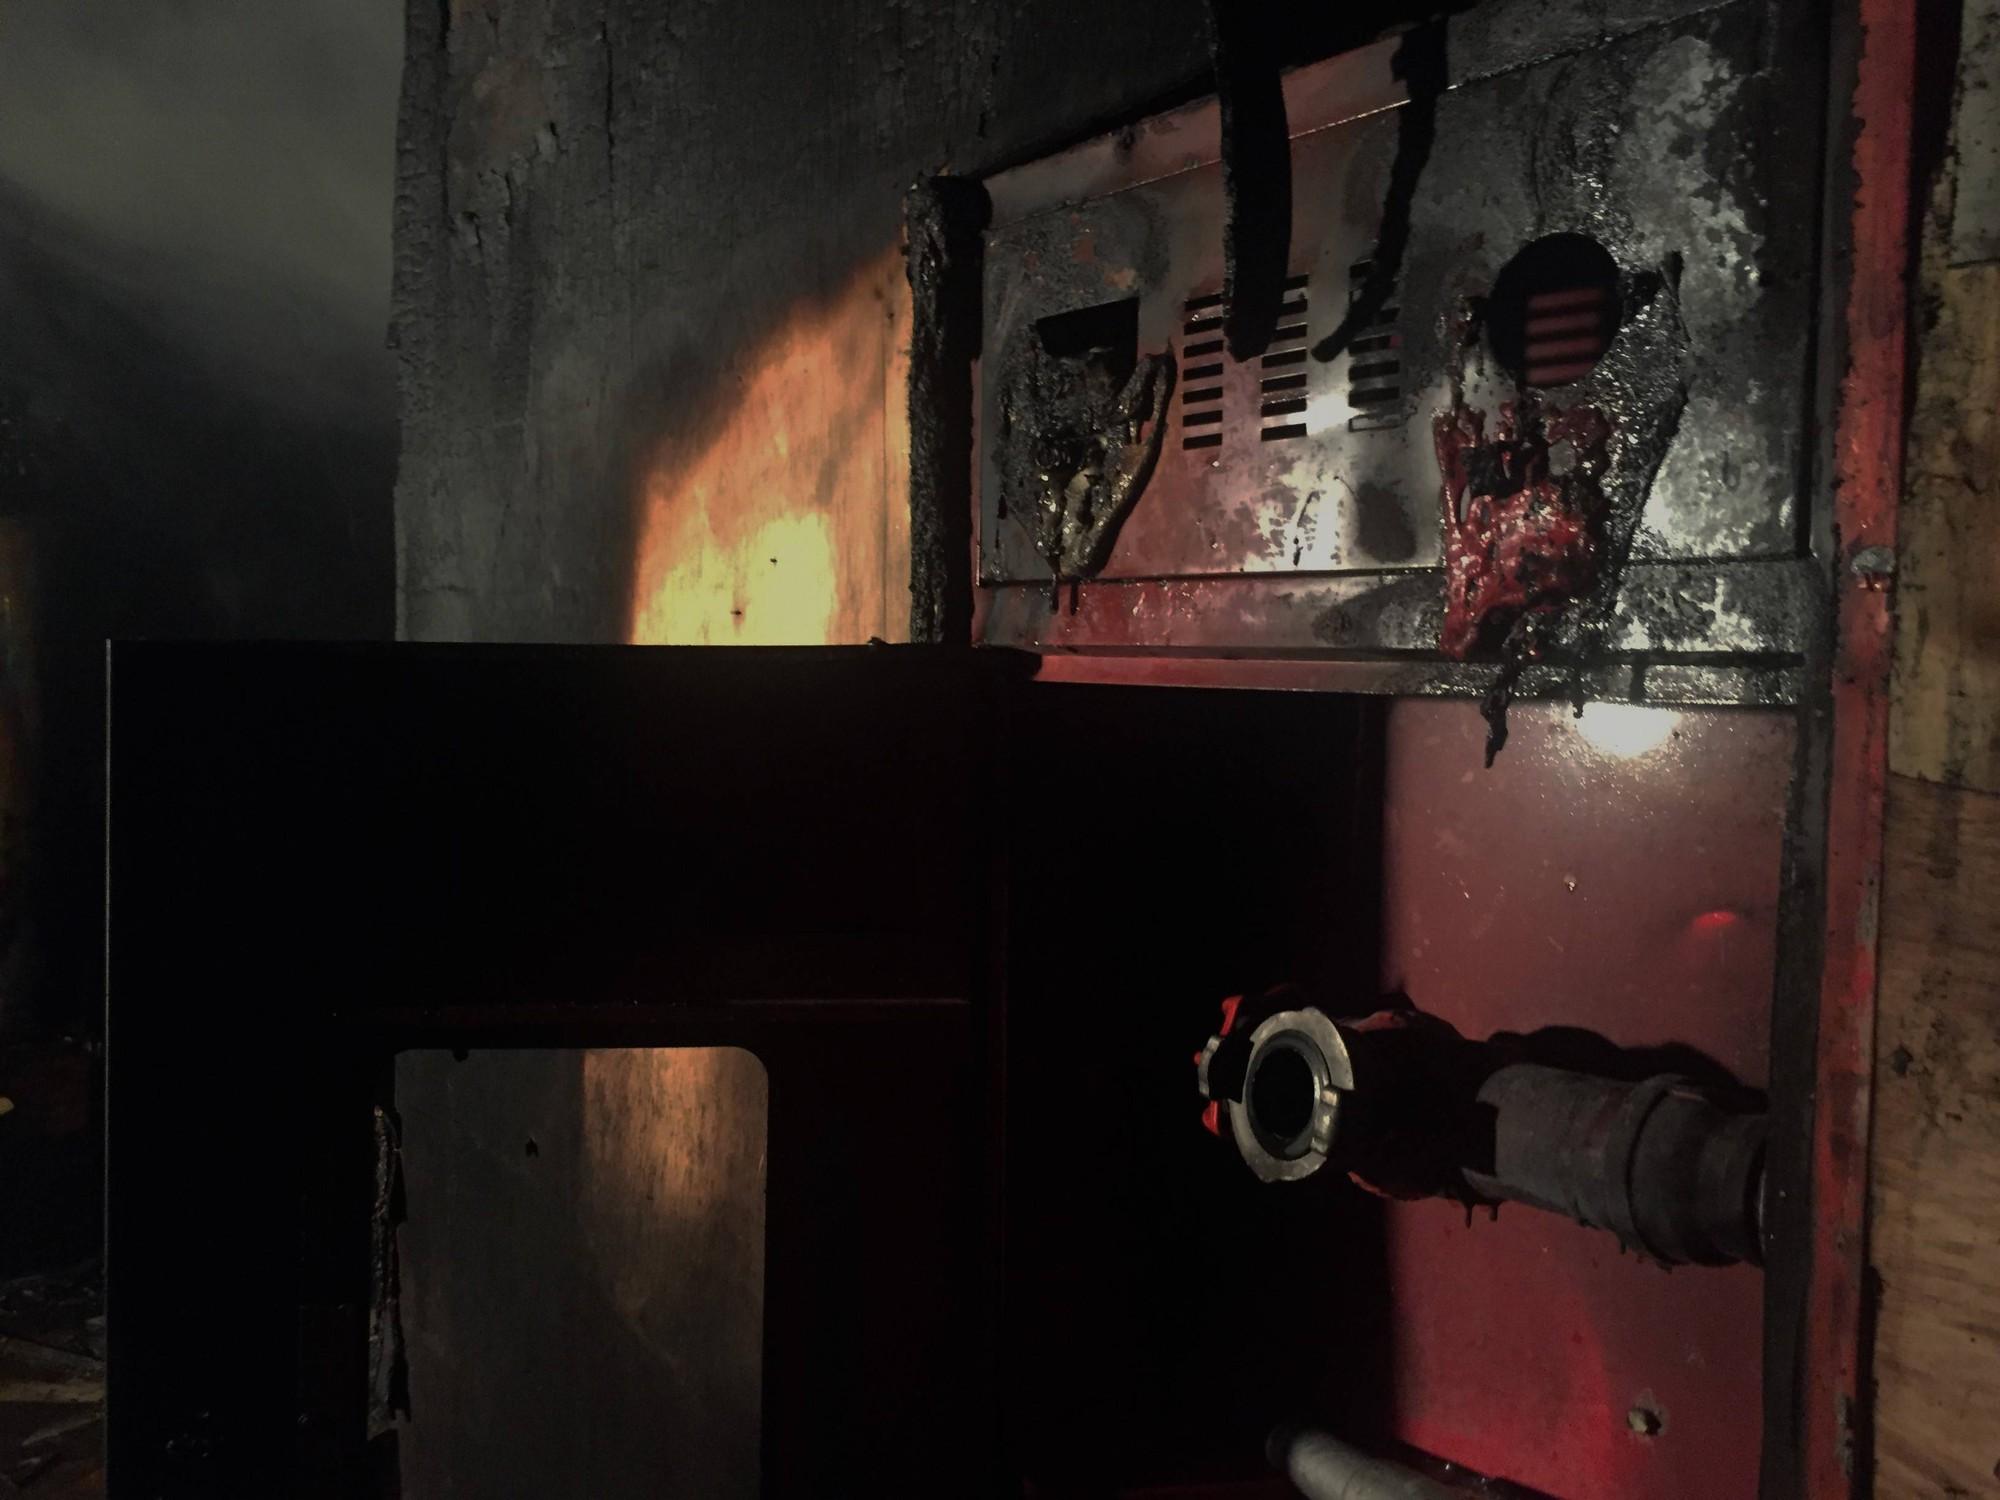 Chùm ảnh: Khung cảnh tan hoang bên trong quán karaoke Kingdom Club Hà Tĩnh sau hỏa hoạn - Ảnh 7.